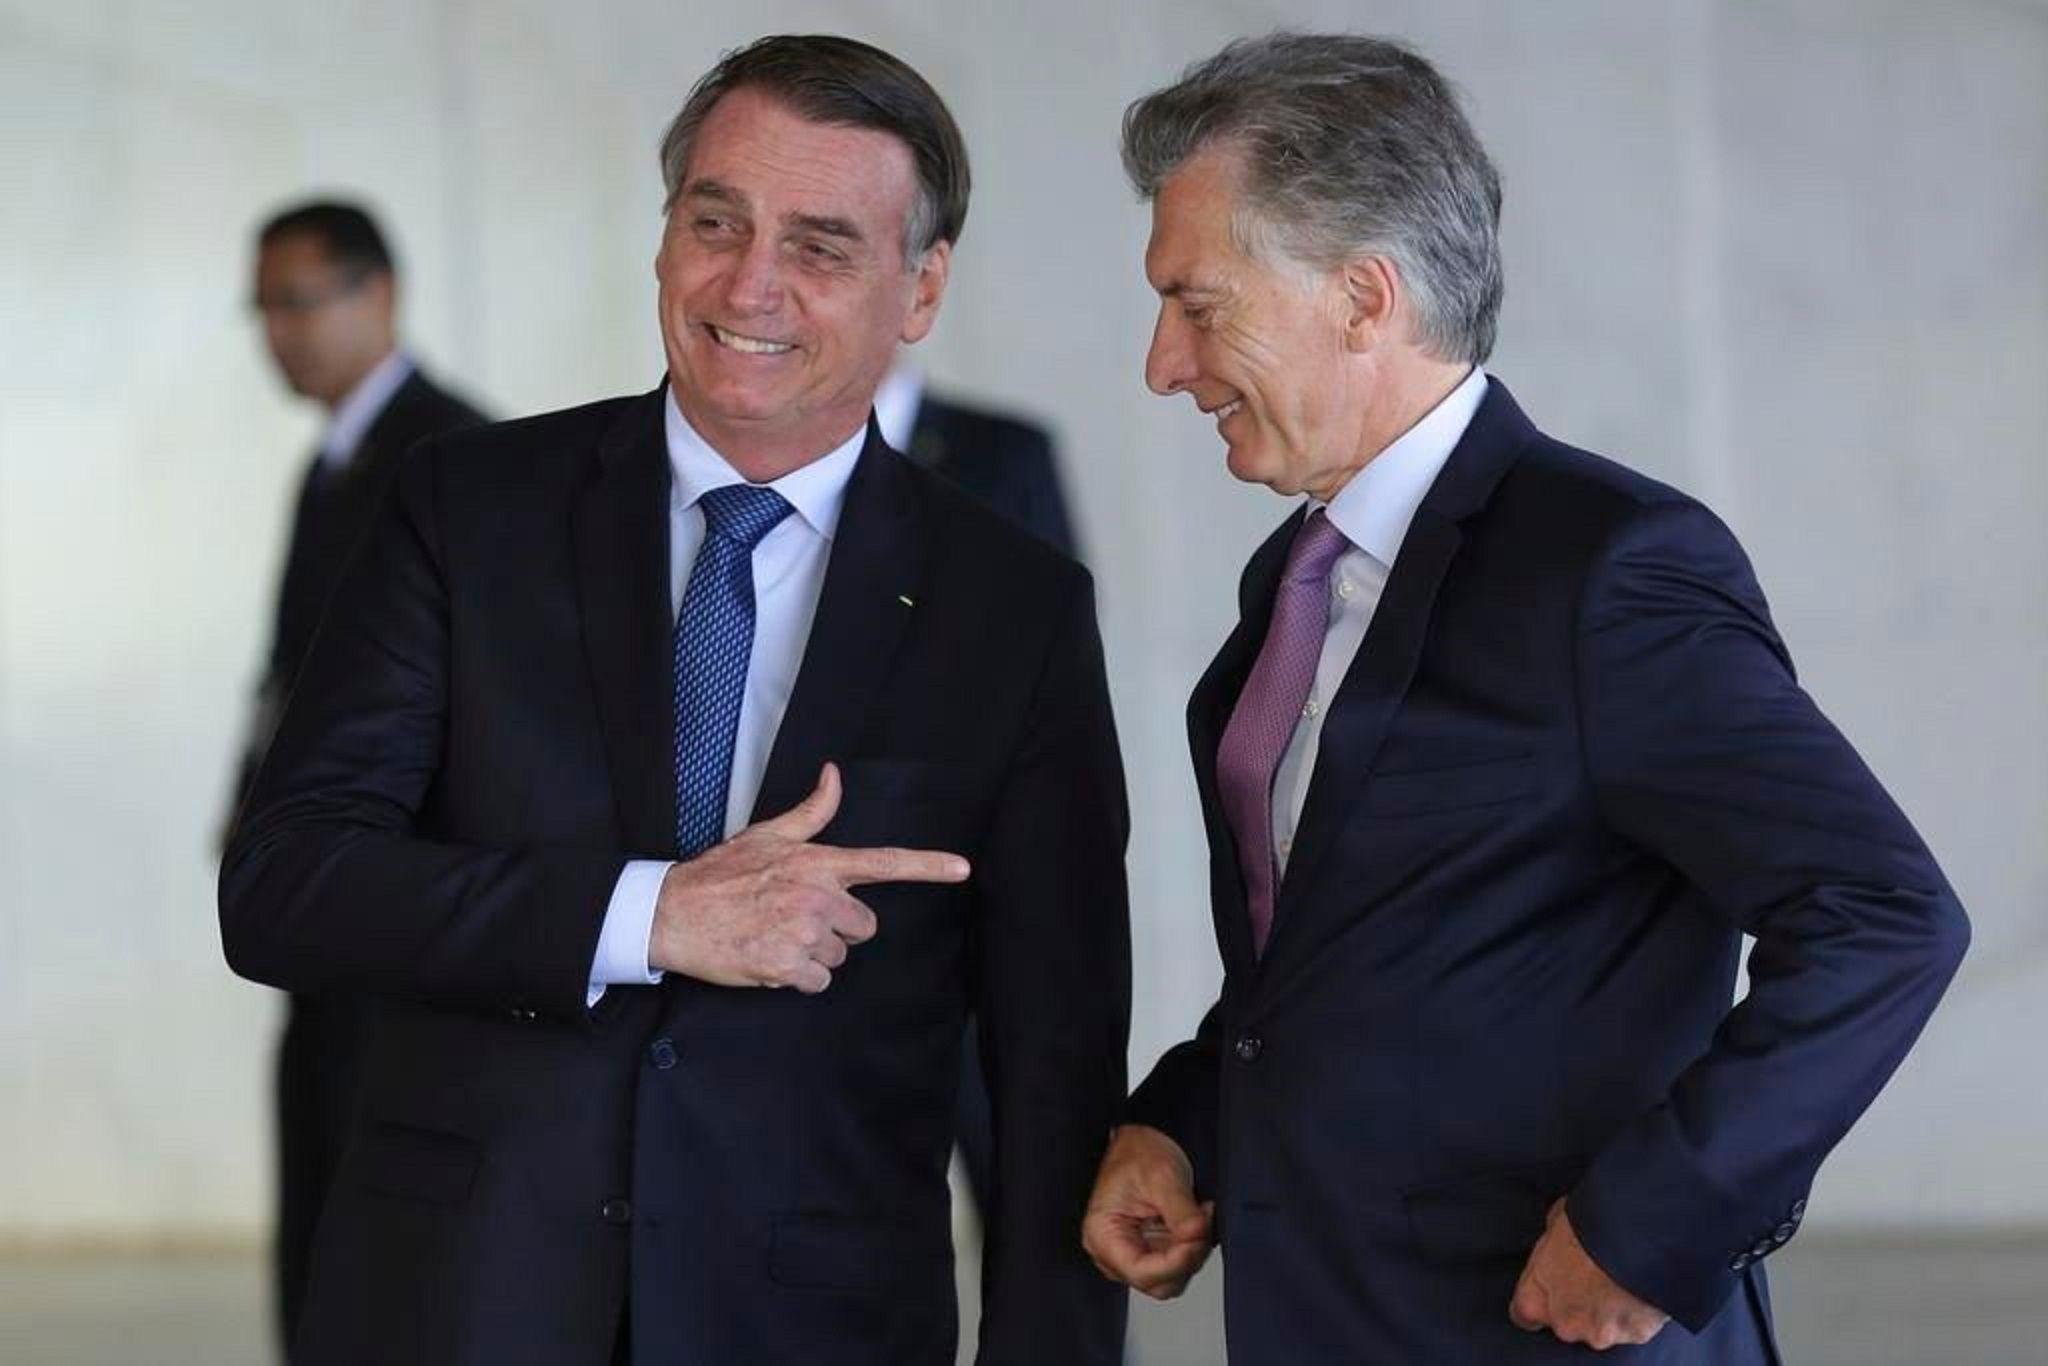 El socio de Macri quebró a Brasil: Bolsonaro admite que se quedó sin dinero y el Ejército trabaja media jornada